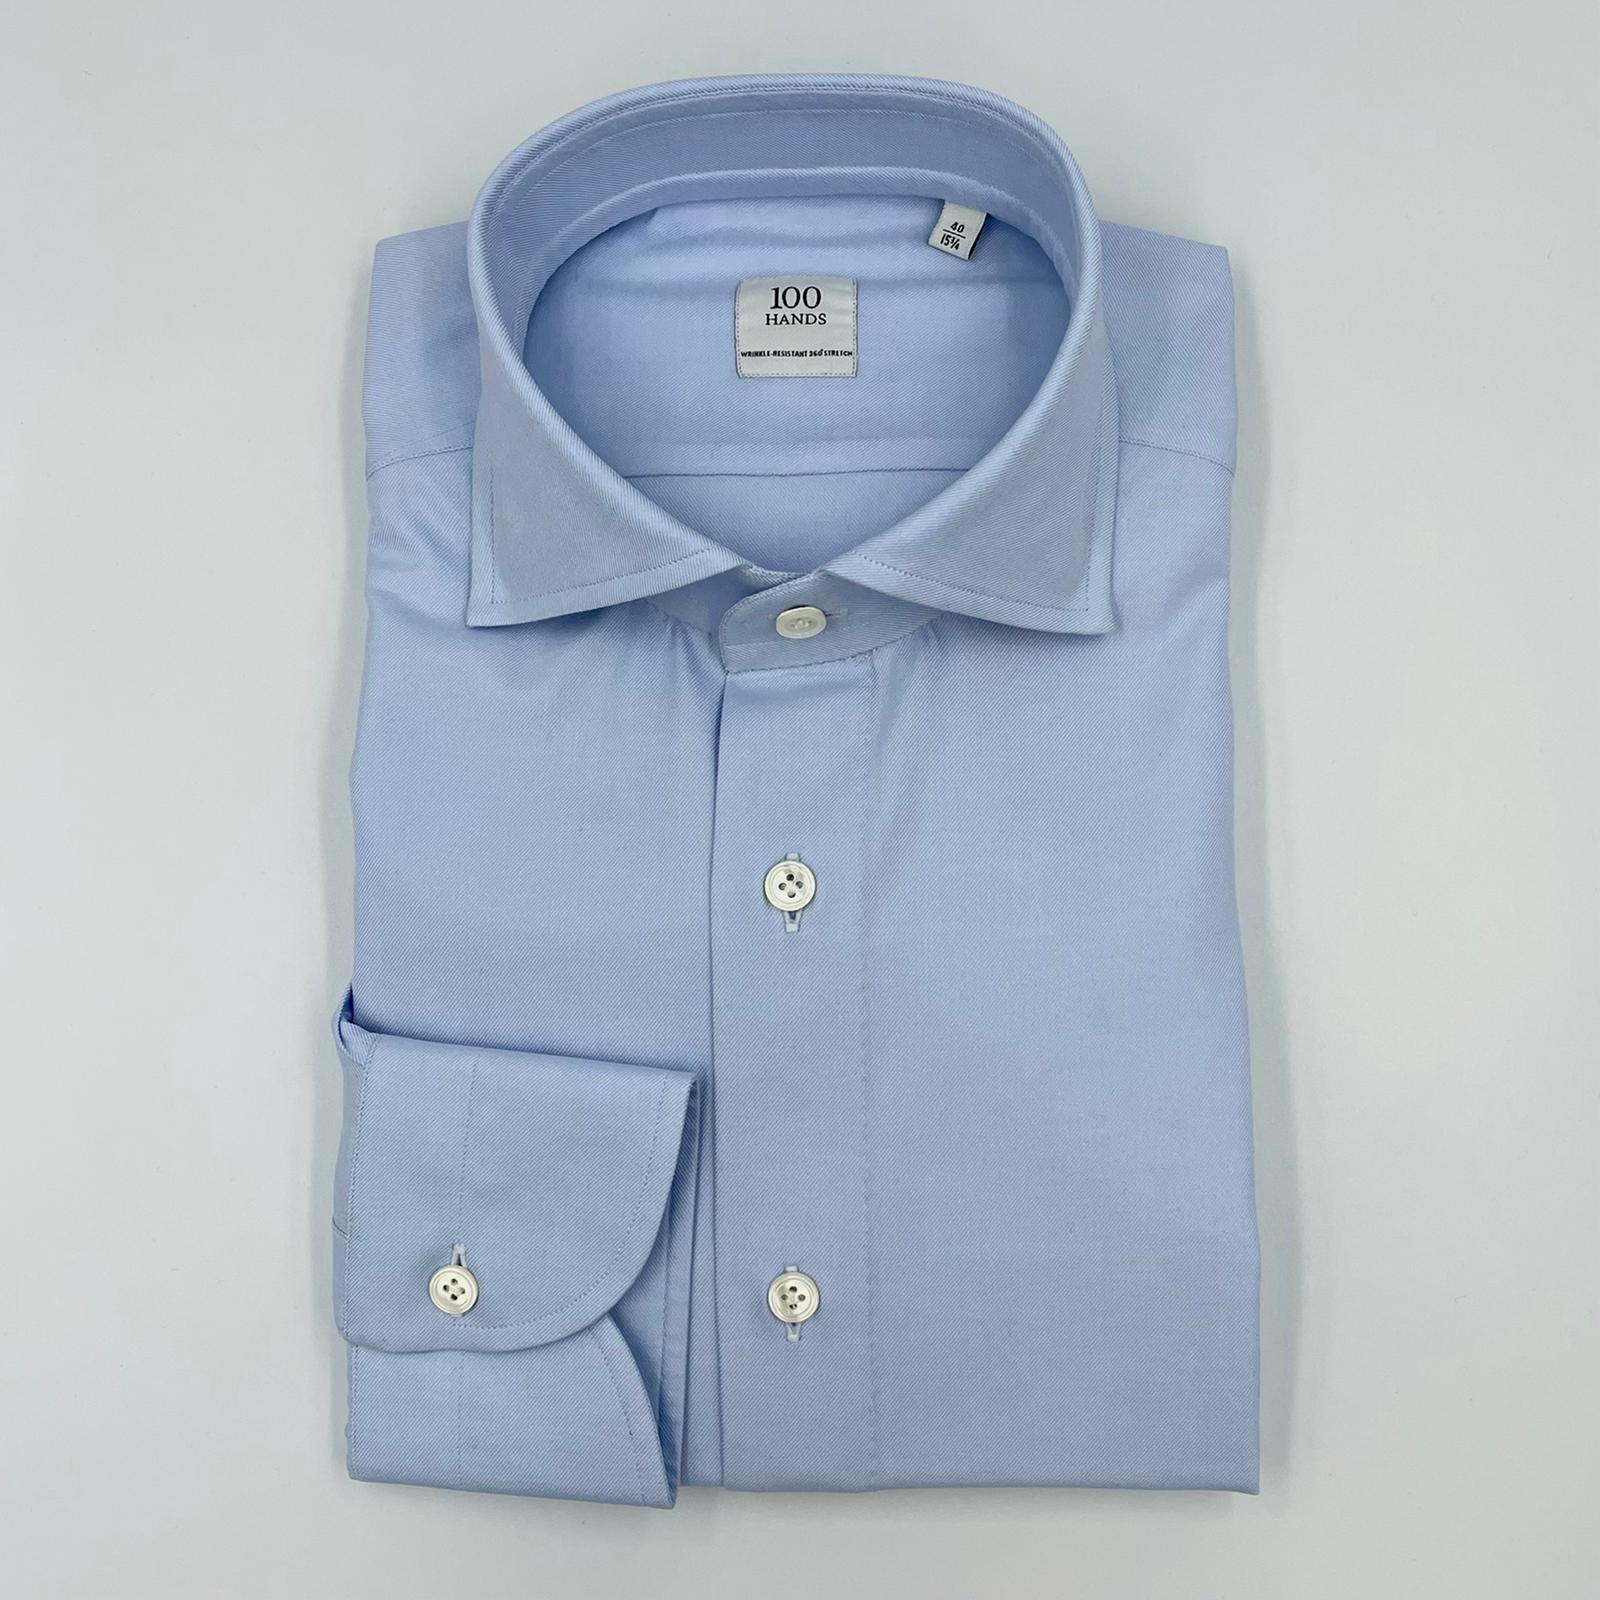 100 Hands Shirt Lt Blue